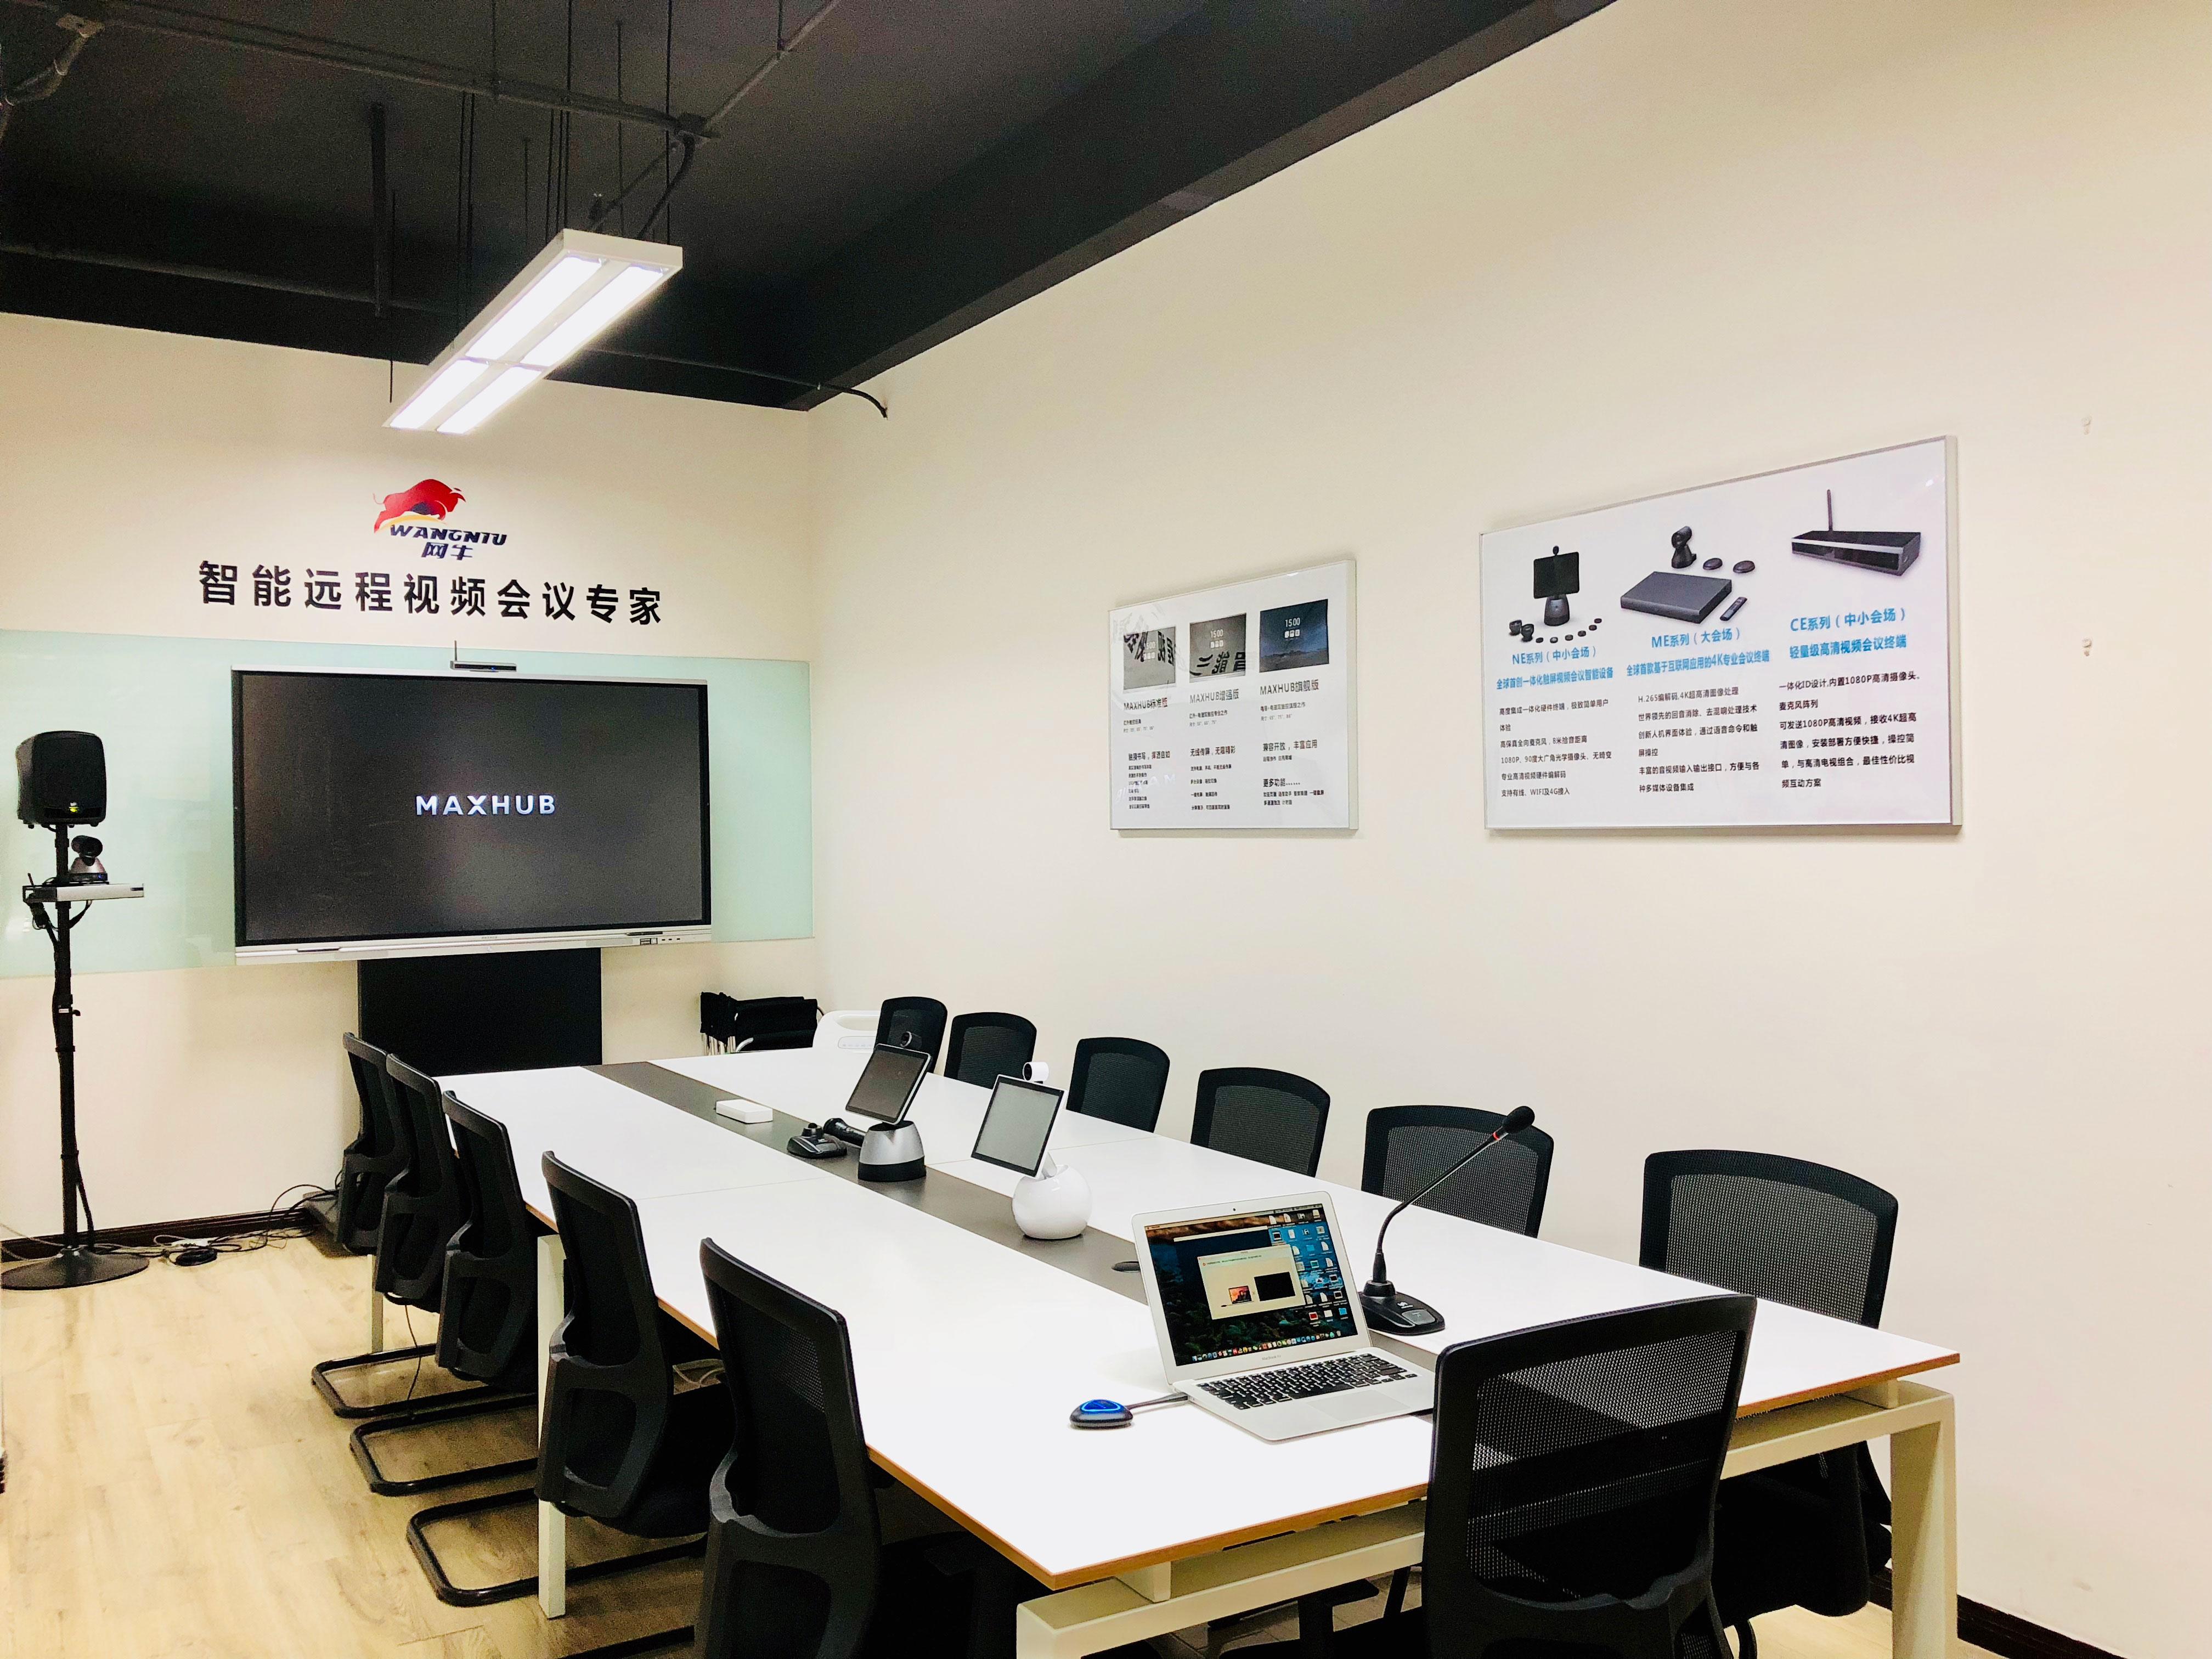 MAXHUB与小鱼易连线下体验店一:成都高新区天晖路360号晶科1号写字楼11层10号